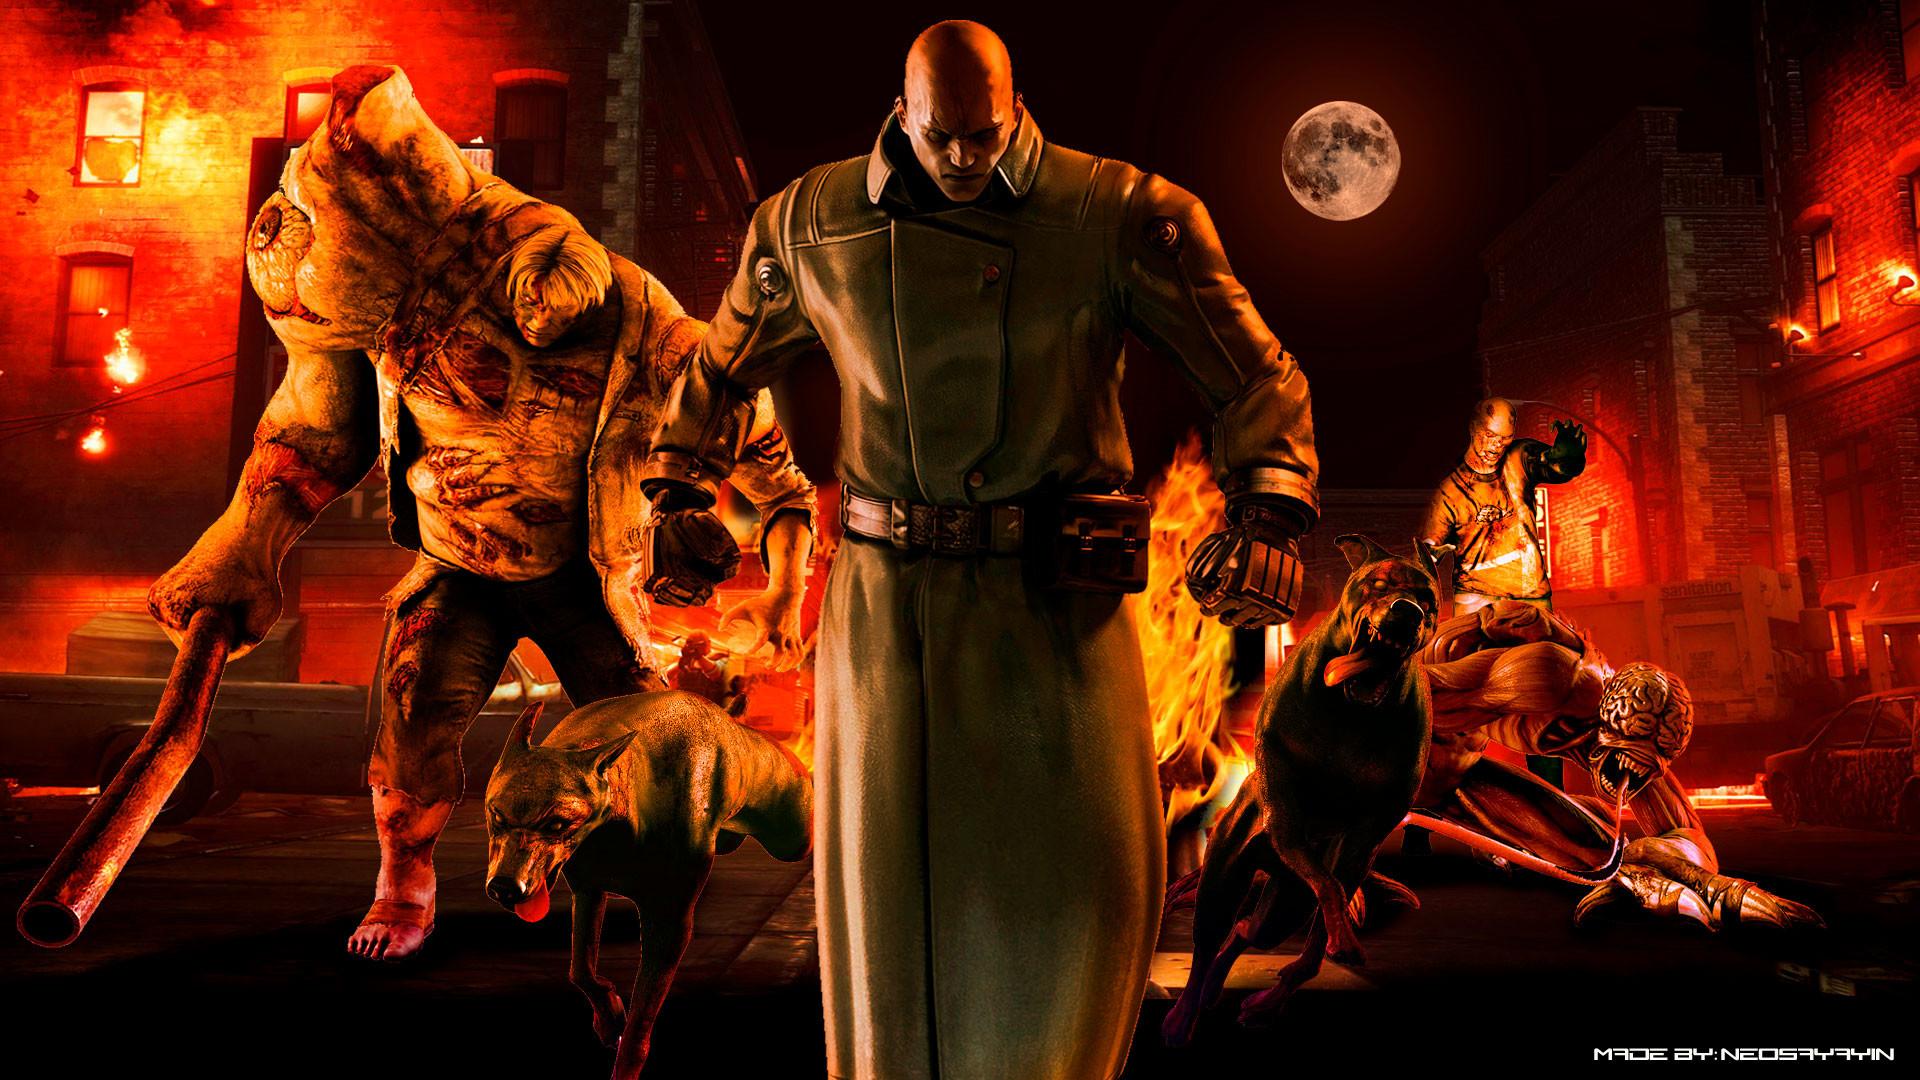 Resident Evil Nemesis Wallpaper 73 images 1920x1080